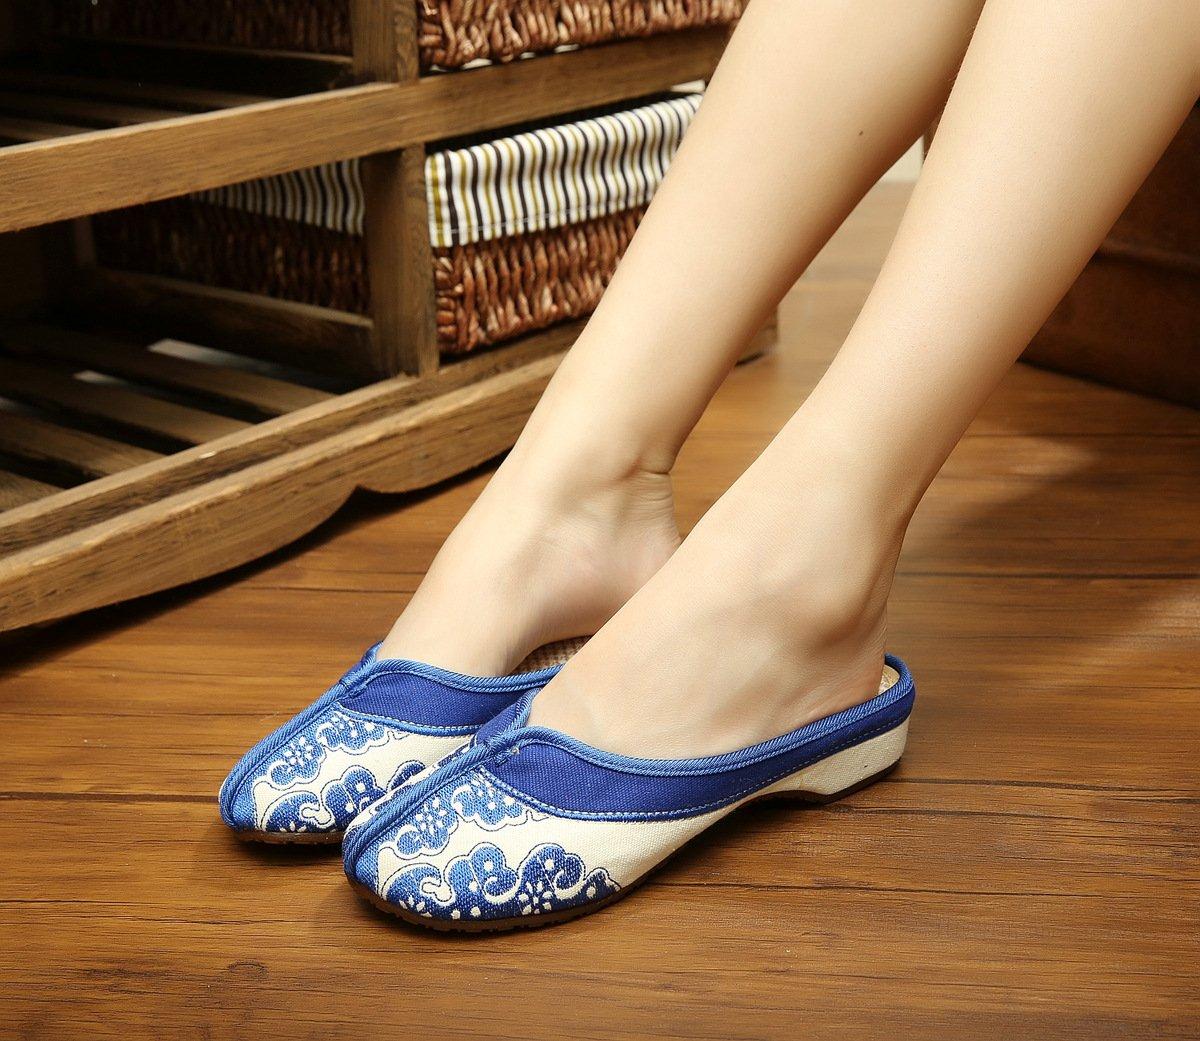 &hua Porcelaine bleue et blanche Chaussures brodées, semelle de tendon, style ethnique, flip flop féminin, mode, confortable, sandales